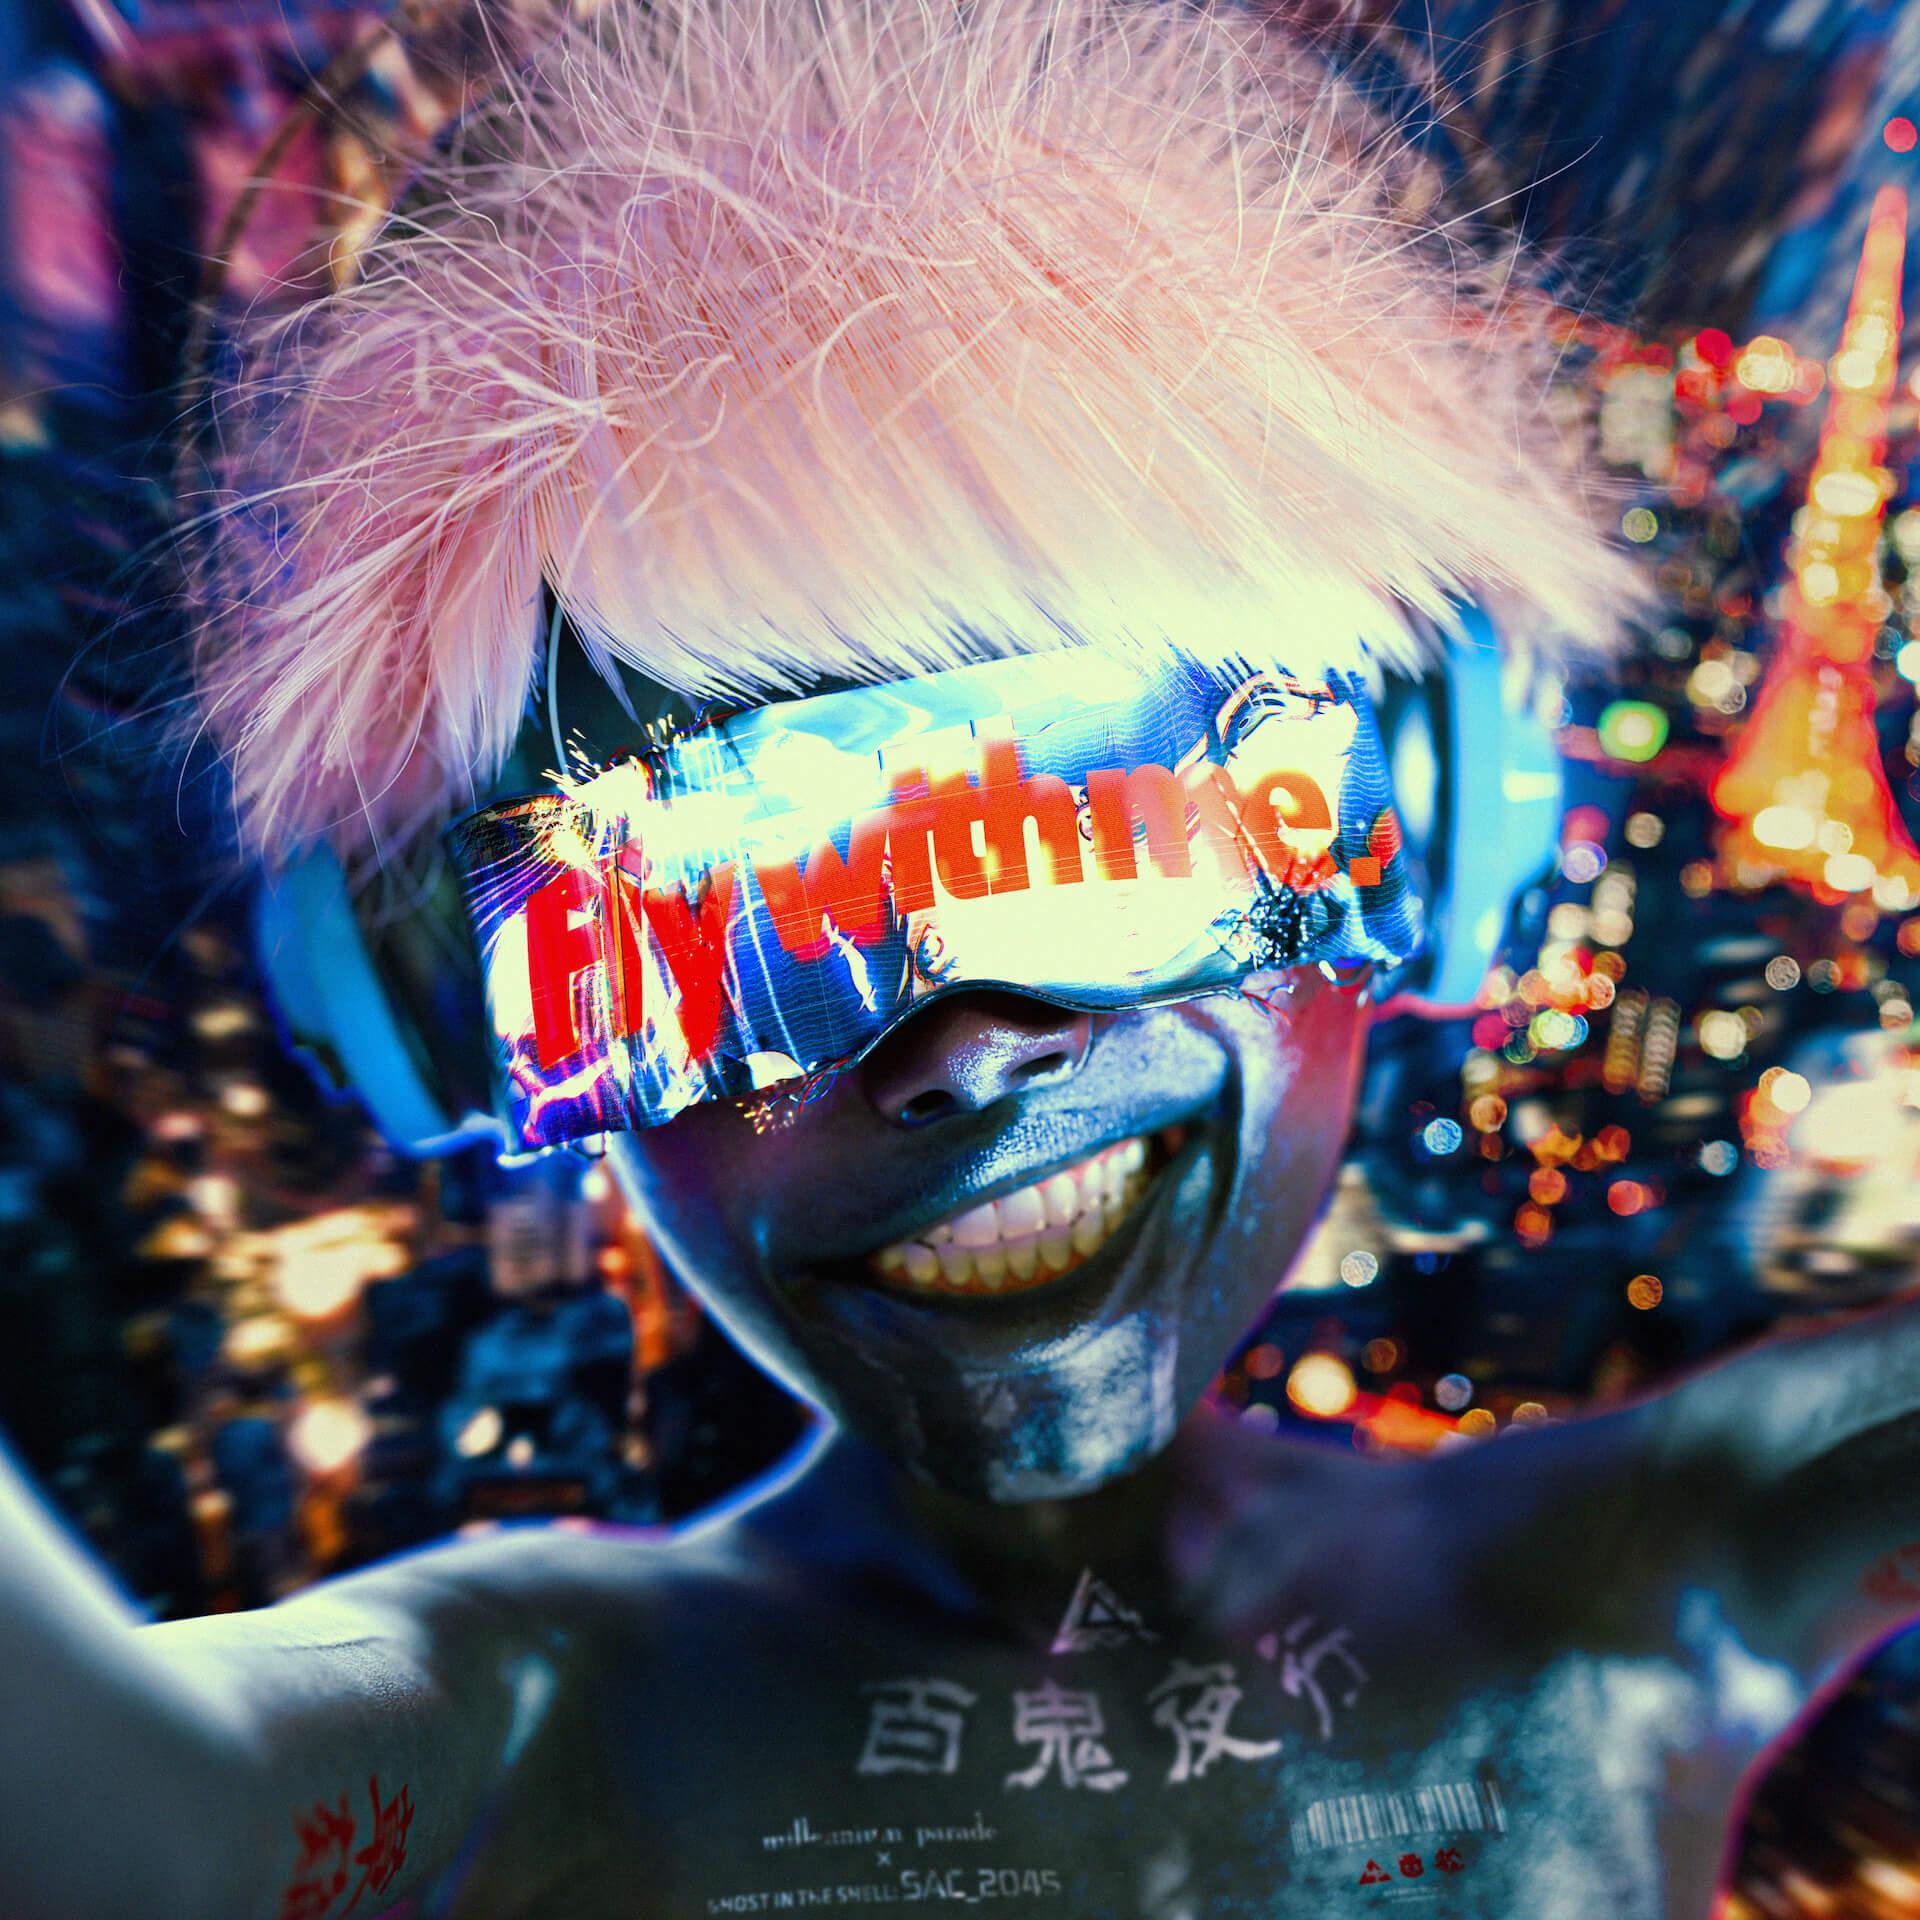 millennium paradeの攻殻機動隊テーマ「Fly with me」にSteve Aokiによるリミックス曲が収録決定!初ワンマンライブの音源も収録 art200330_ghostintheshell_tsuneda_6